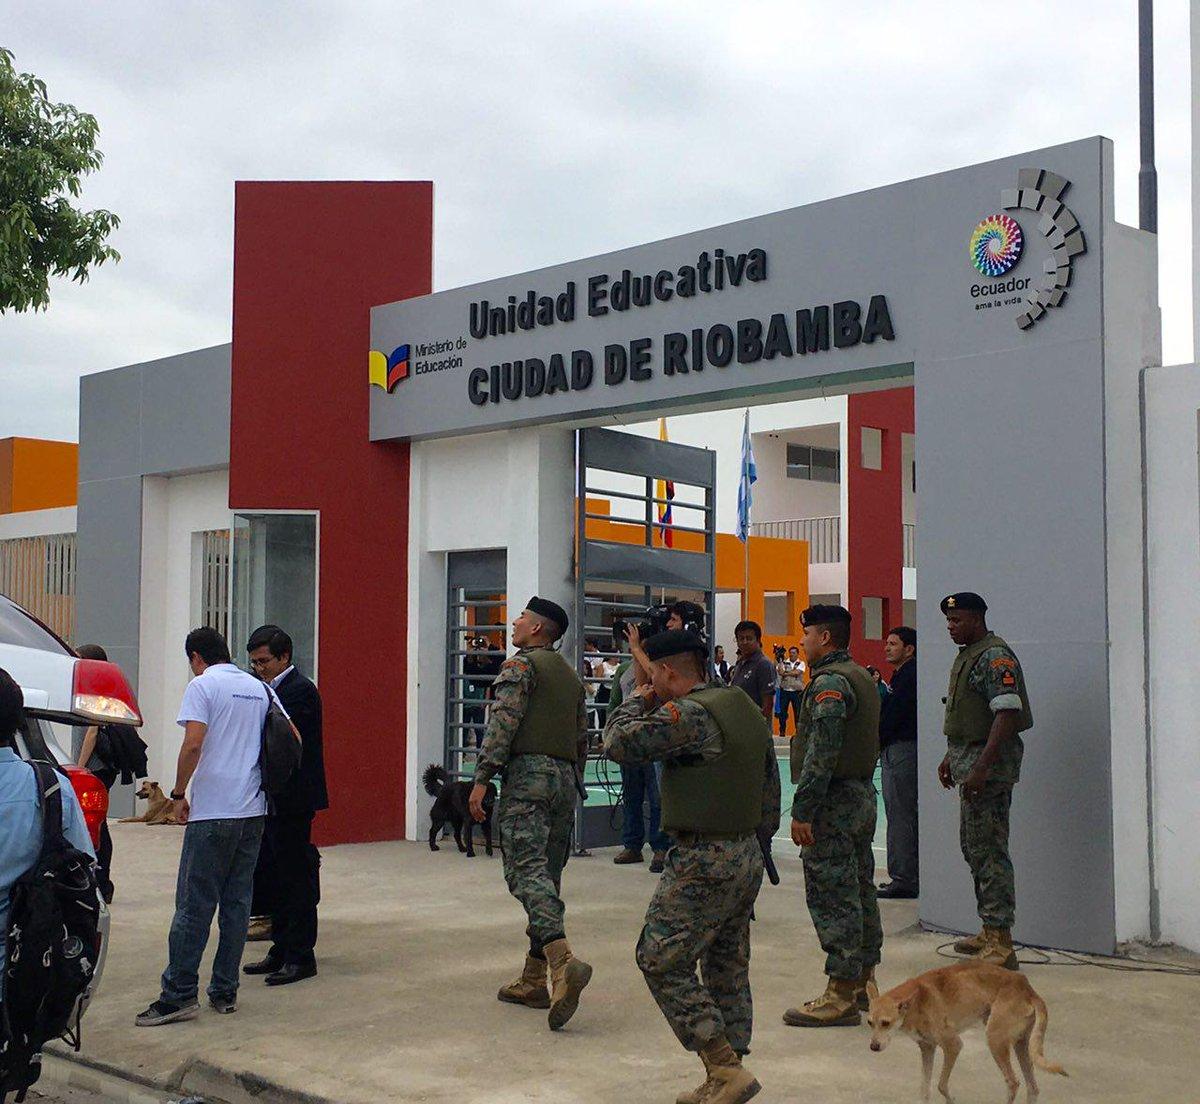 Presidente @MashiRafael recorre la Unidad Educativa Ciudad de Riobamba...